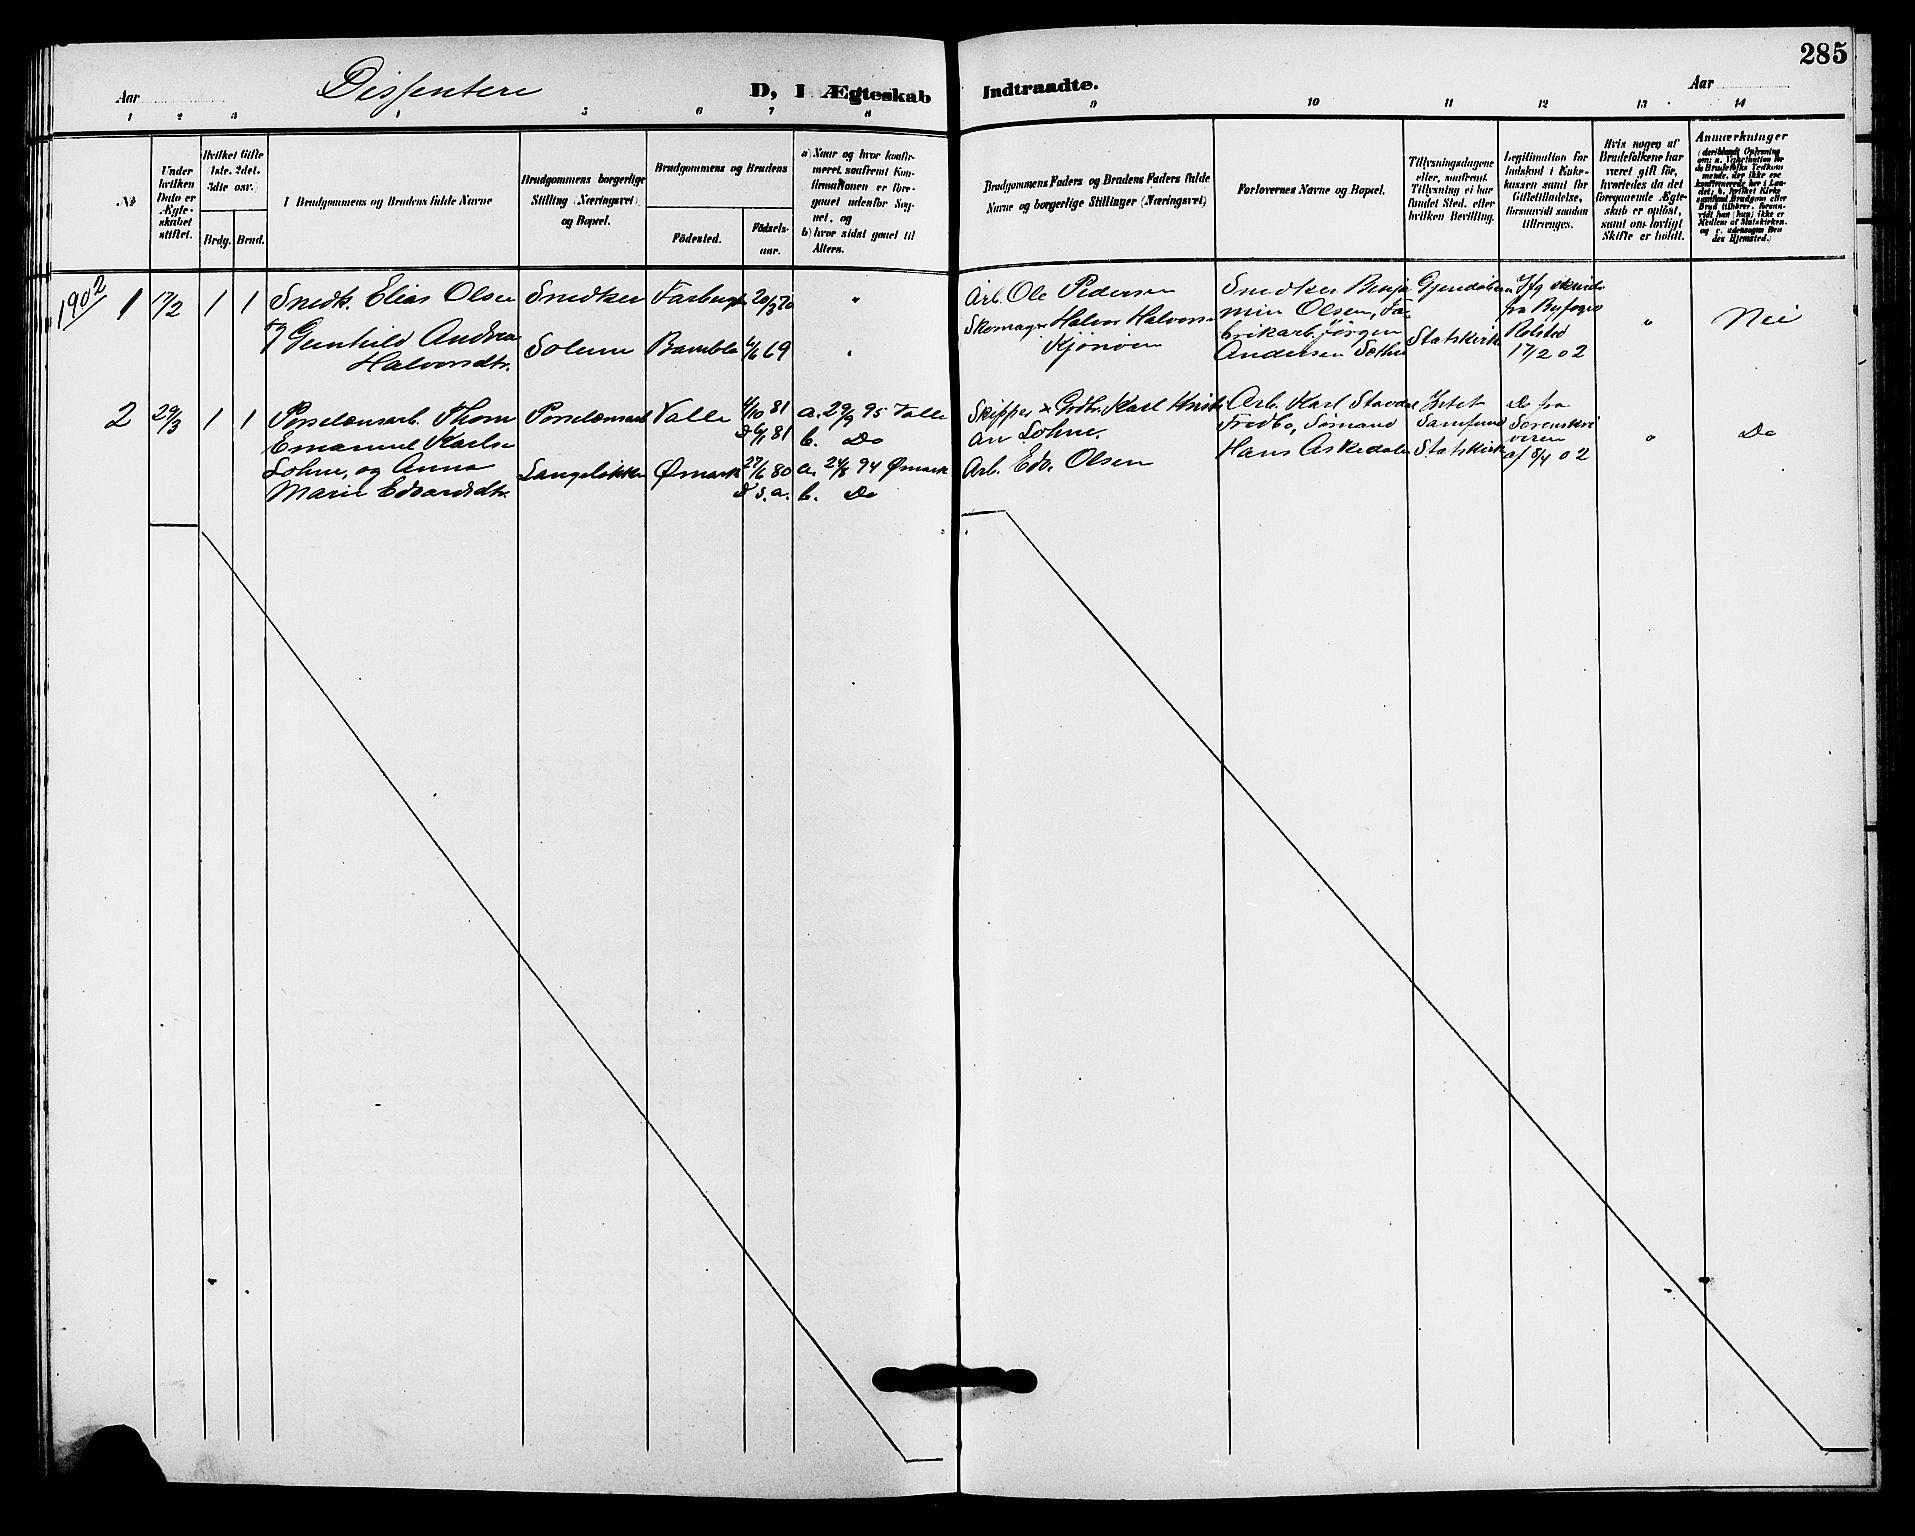 SAKO, Solum kirkebøker, G/Ga/L0008: Klokkerbok nr. I 8, 1898-1909, s. 285